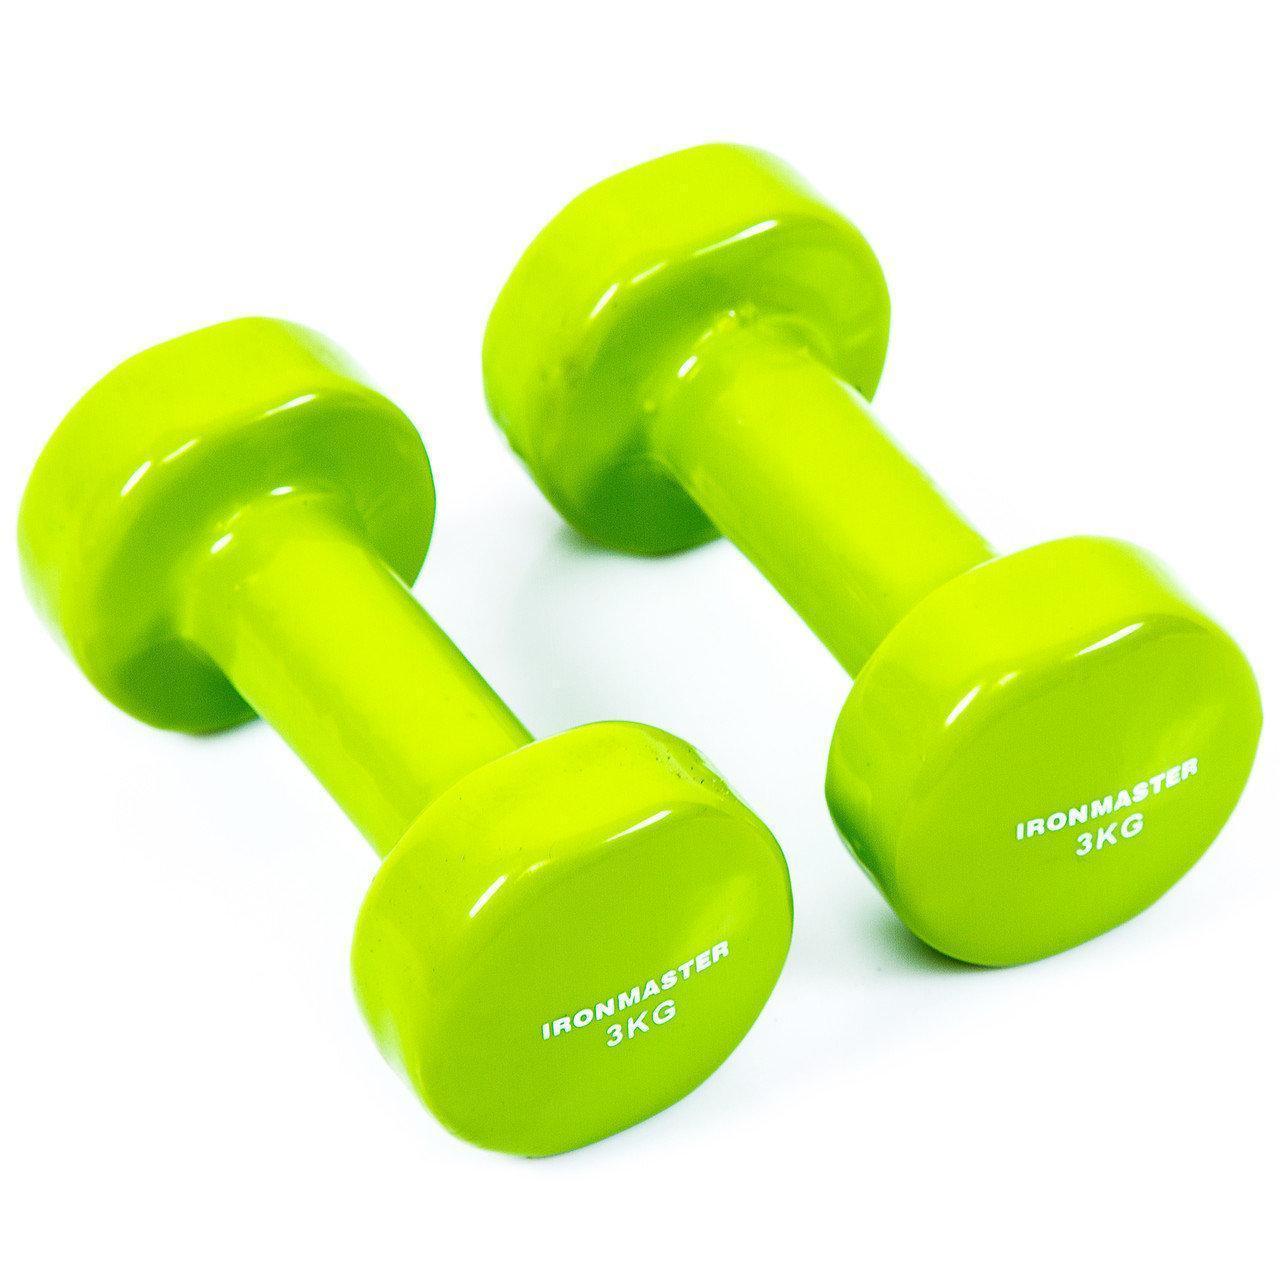 Гантели по 4 кг IronMaster виниловые разные цвета